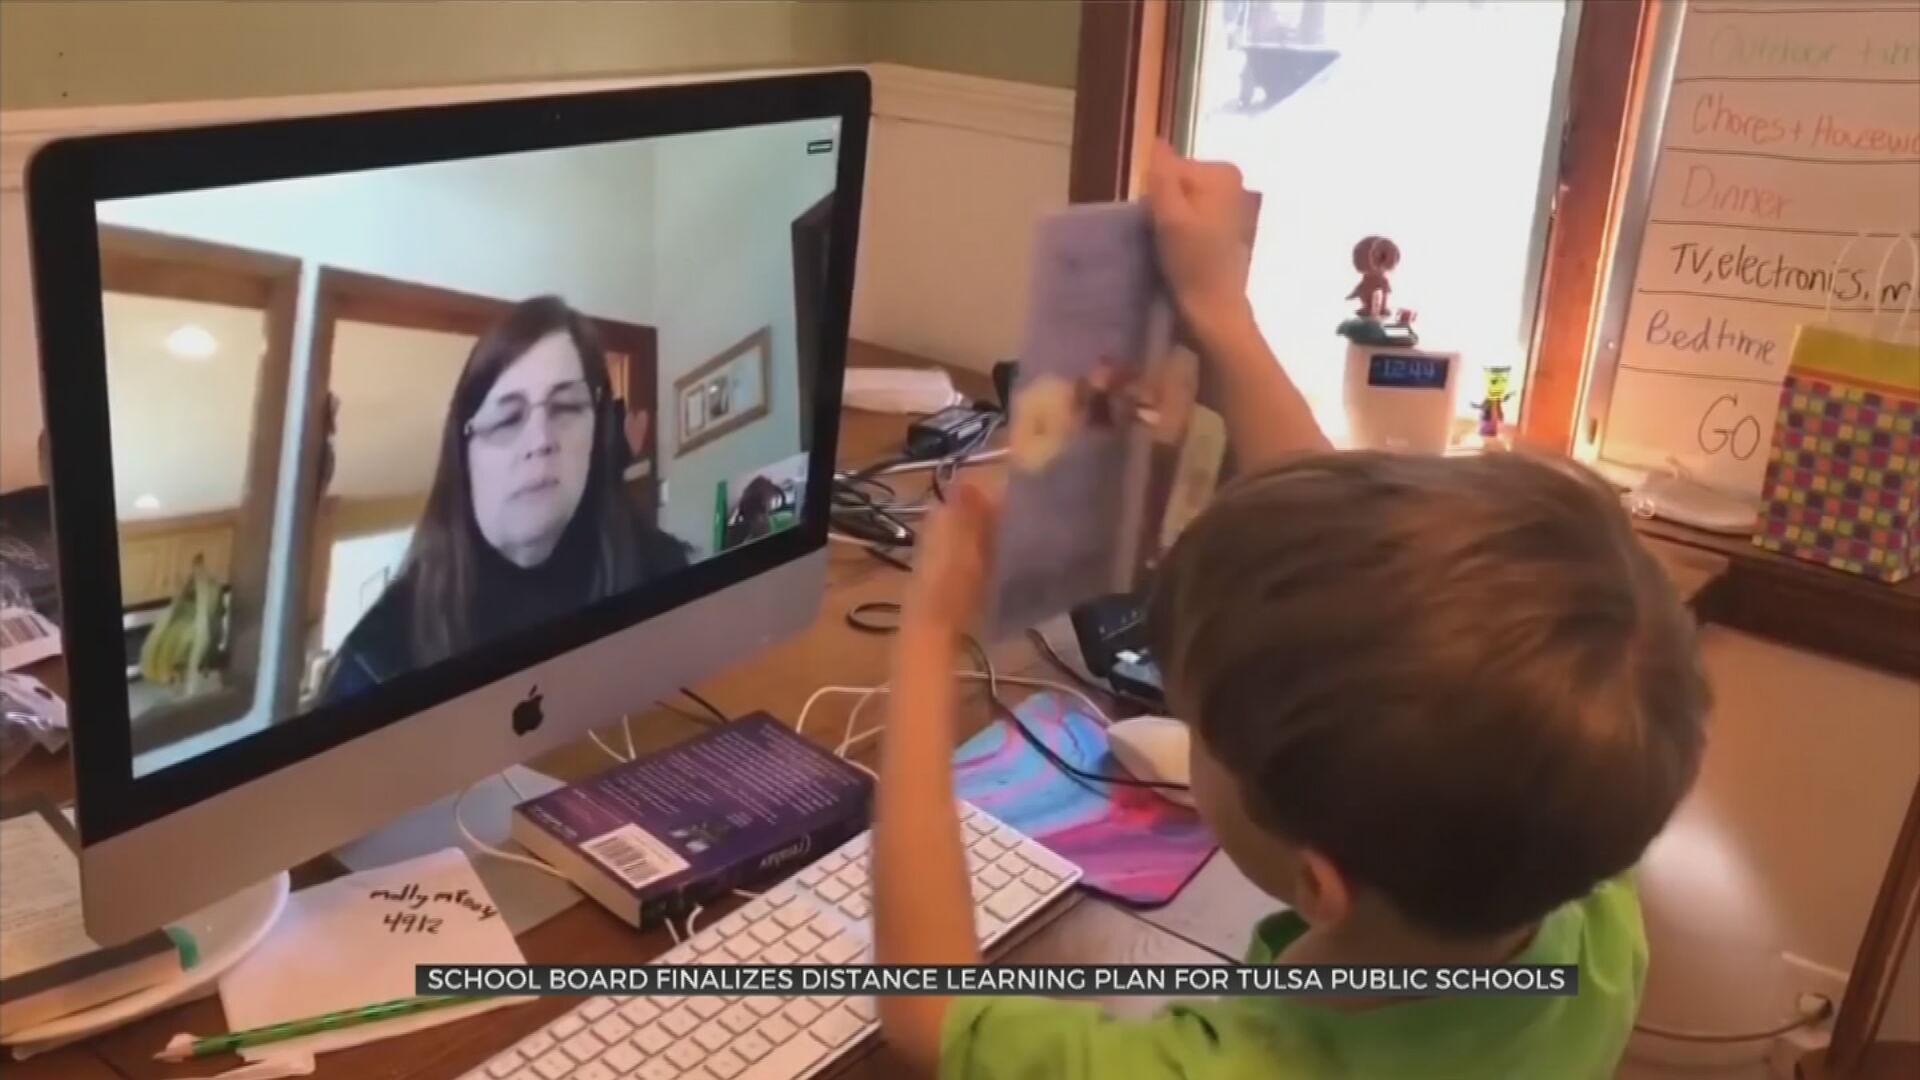 School Board Finalizes Distance Learning Plan For Tulsa Public Schools